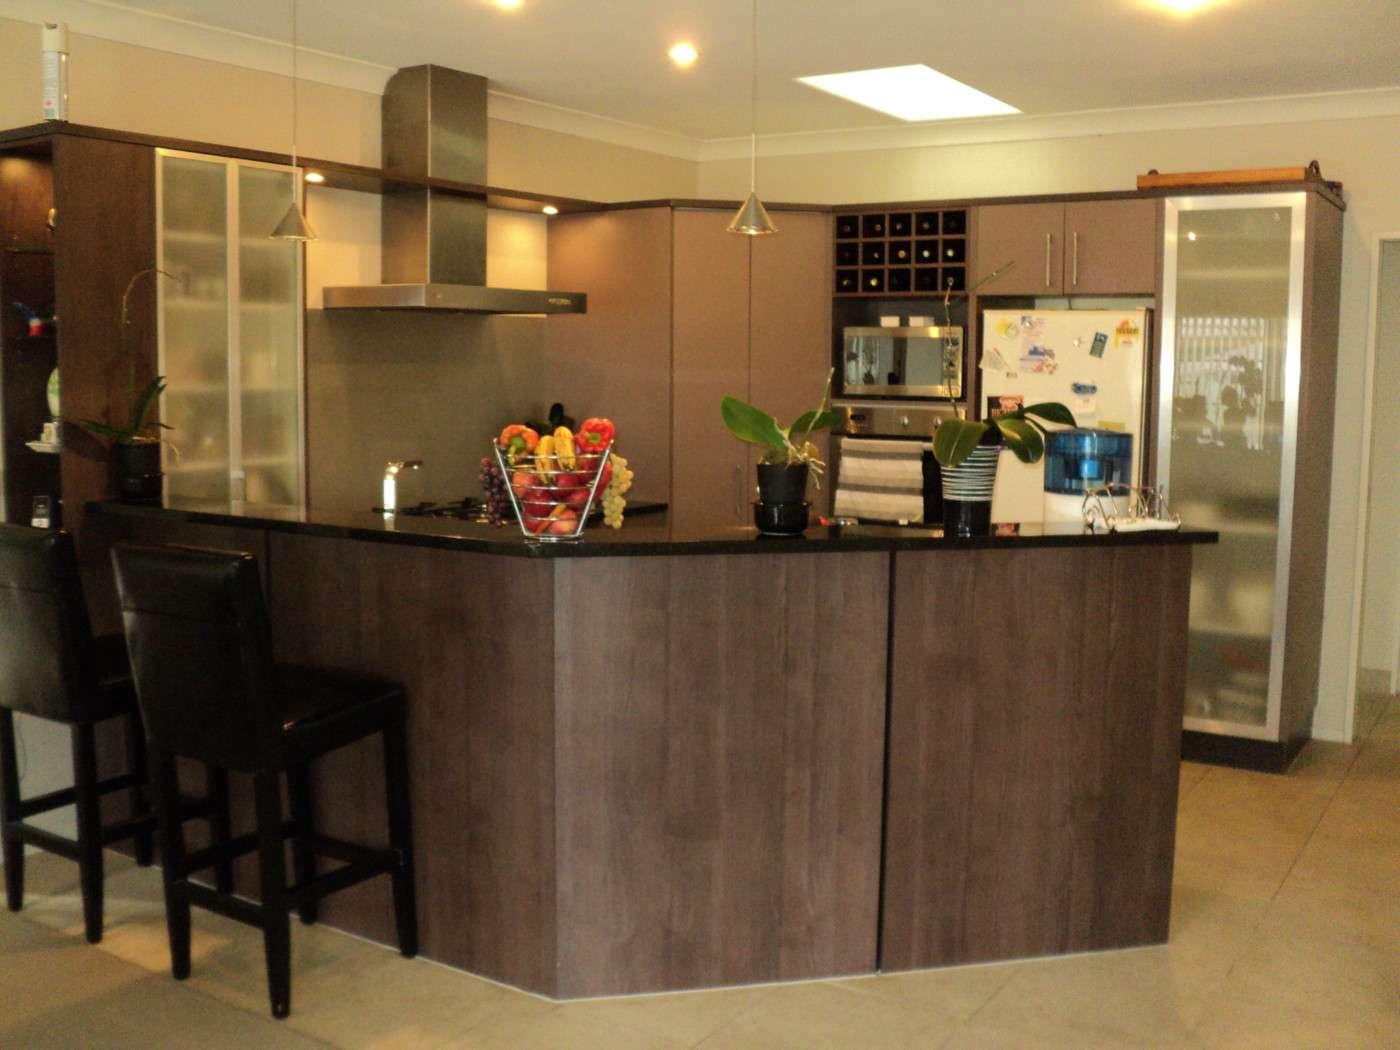 26 Amaretto Avenue, FLAT BUSH, Manukau City 2023